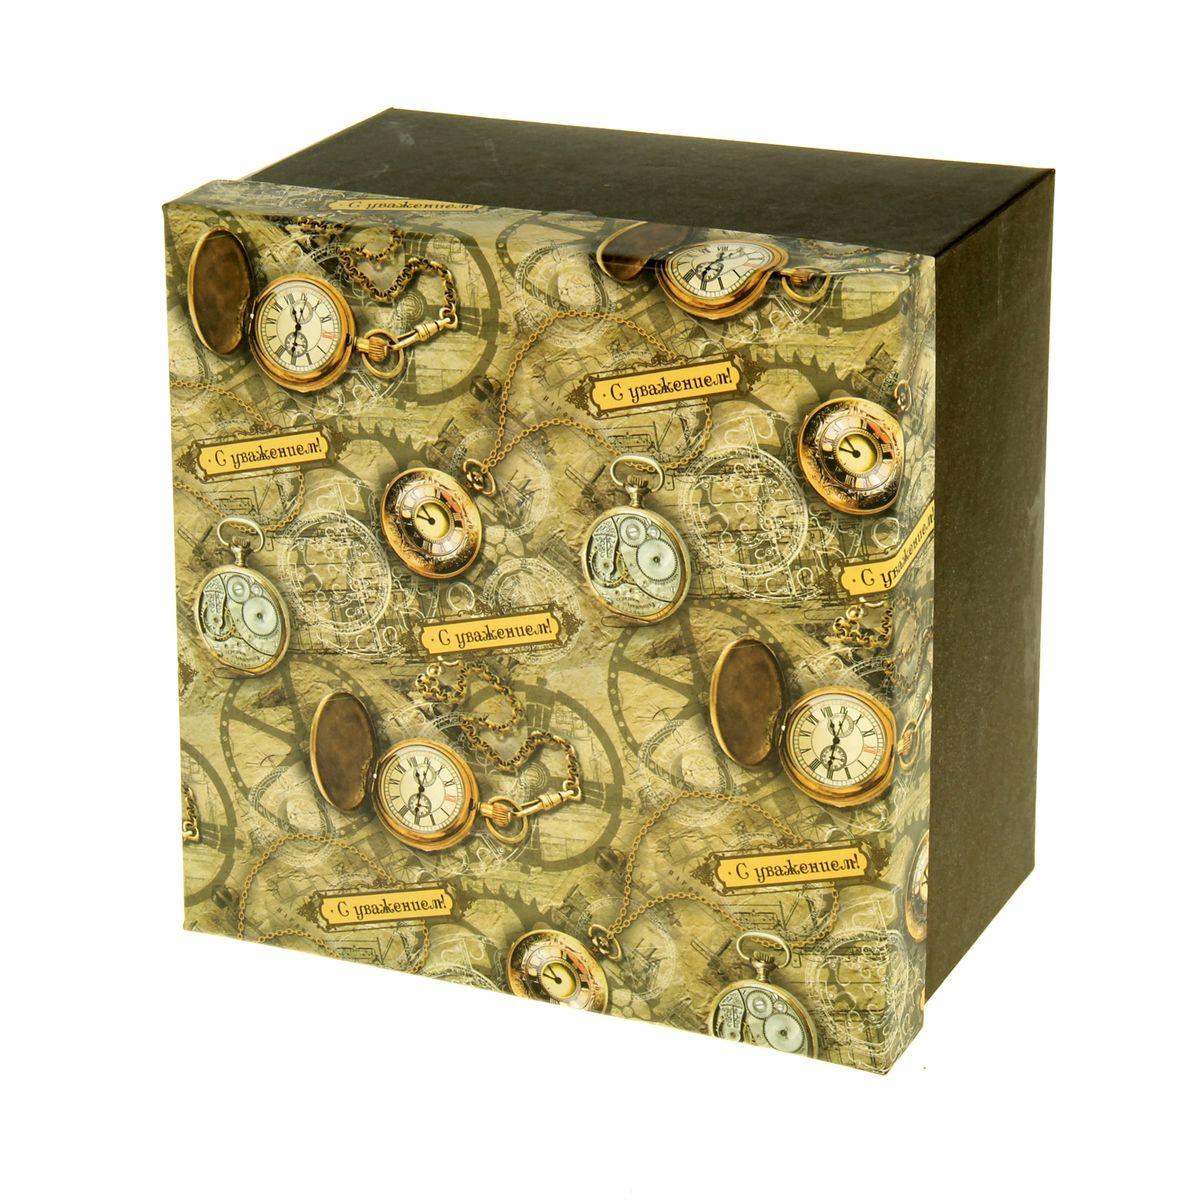 Подарочная коробка Sima-land Часы, 20 х 20 х 11,5 см862373Подарочная коробка Sima-land Часы выполнена из плотного картона. Крышка оформлена ярким изображением часов и надписью С уважением!. Подарочная коробка - это наилучшее решение, если вы хотите порадовать ваших близких и создать праздничное настроение, ведь подарок, преподнесенный в оригинальной упаковке, всегда будет самым эффектным и запоминающимся. Окружите близких людей вниманием и заботой, вручив презент в нарядном, праздничном оформлении.